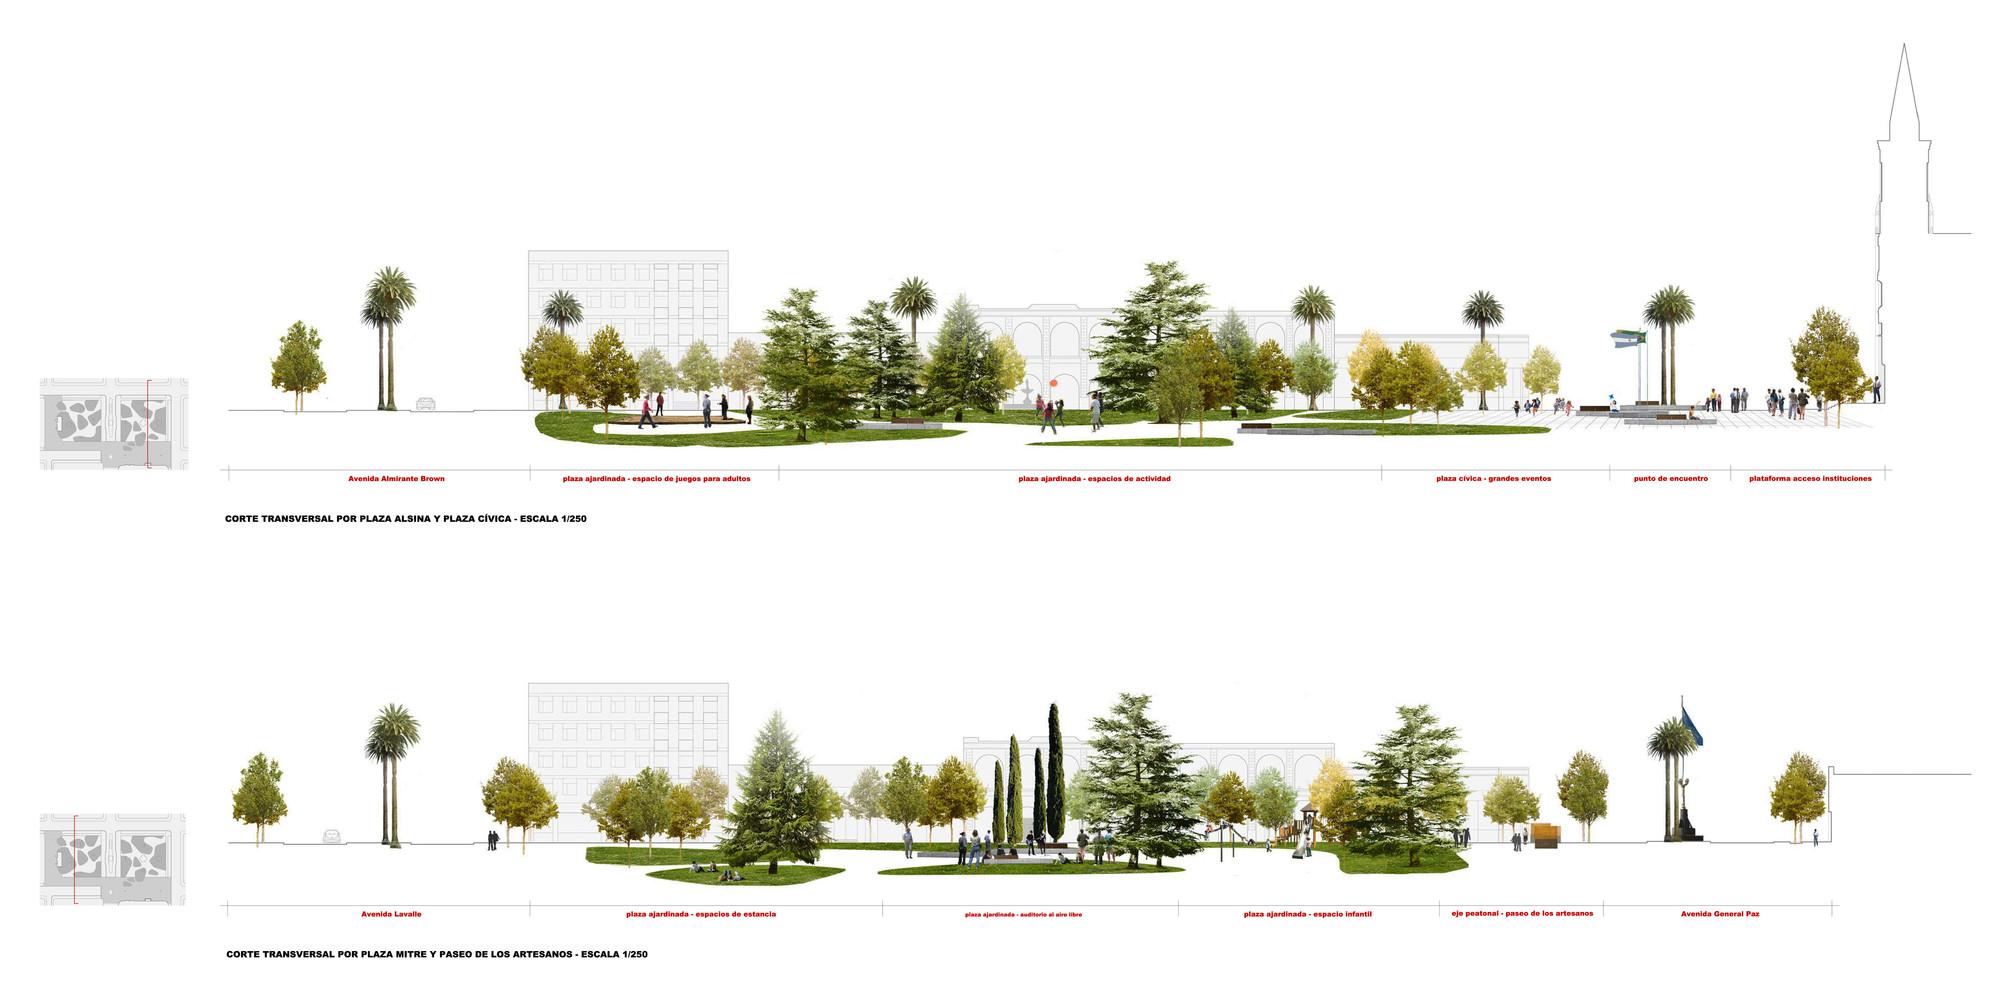 Galer a de primer lugar concurso plazas mitre y alsina 15 for Tipos de mobiliario urbano pdf